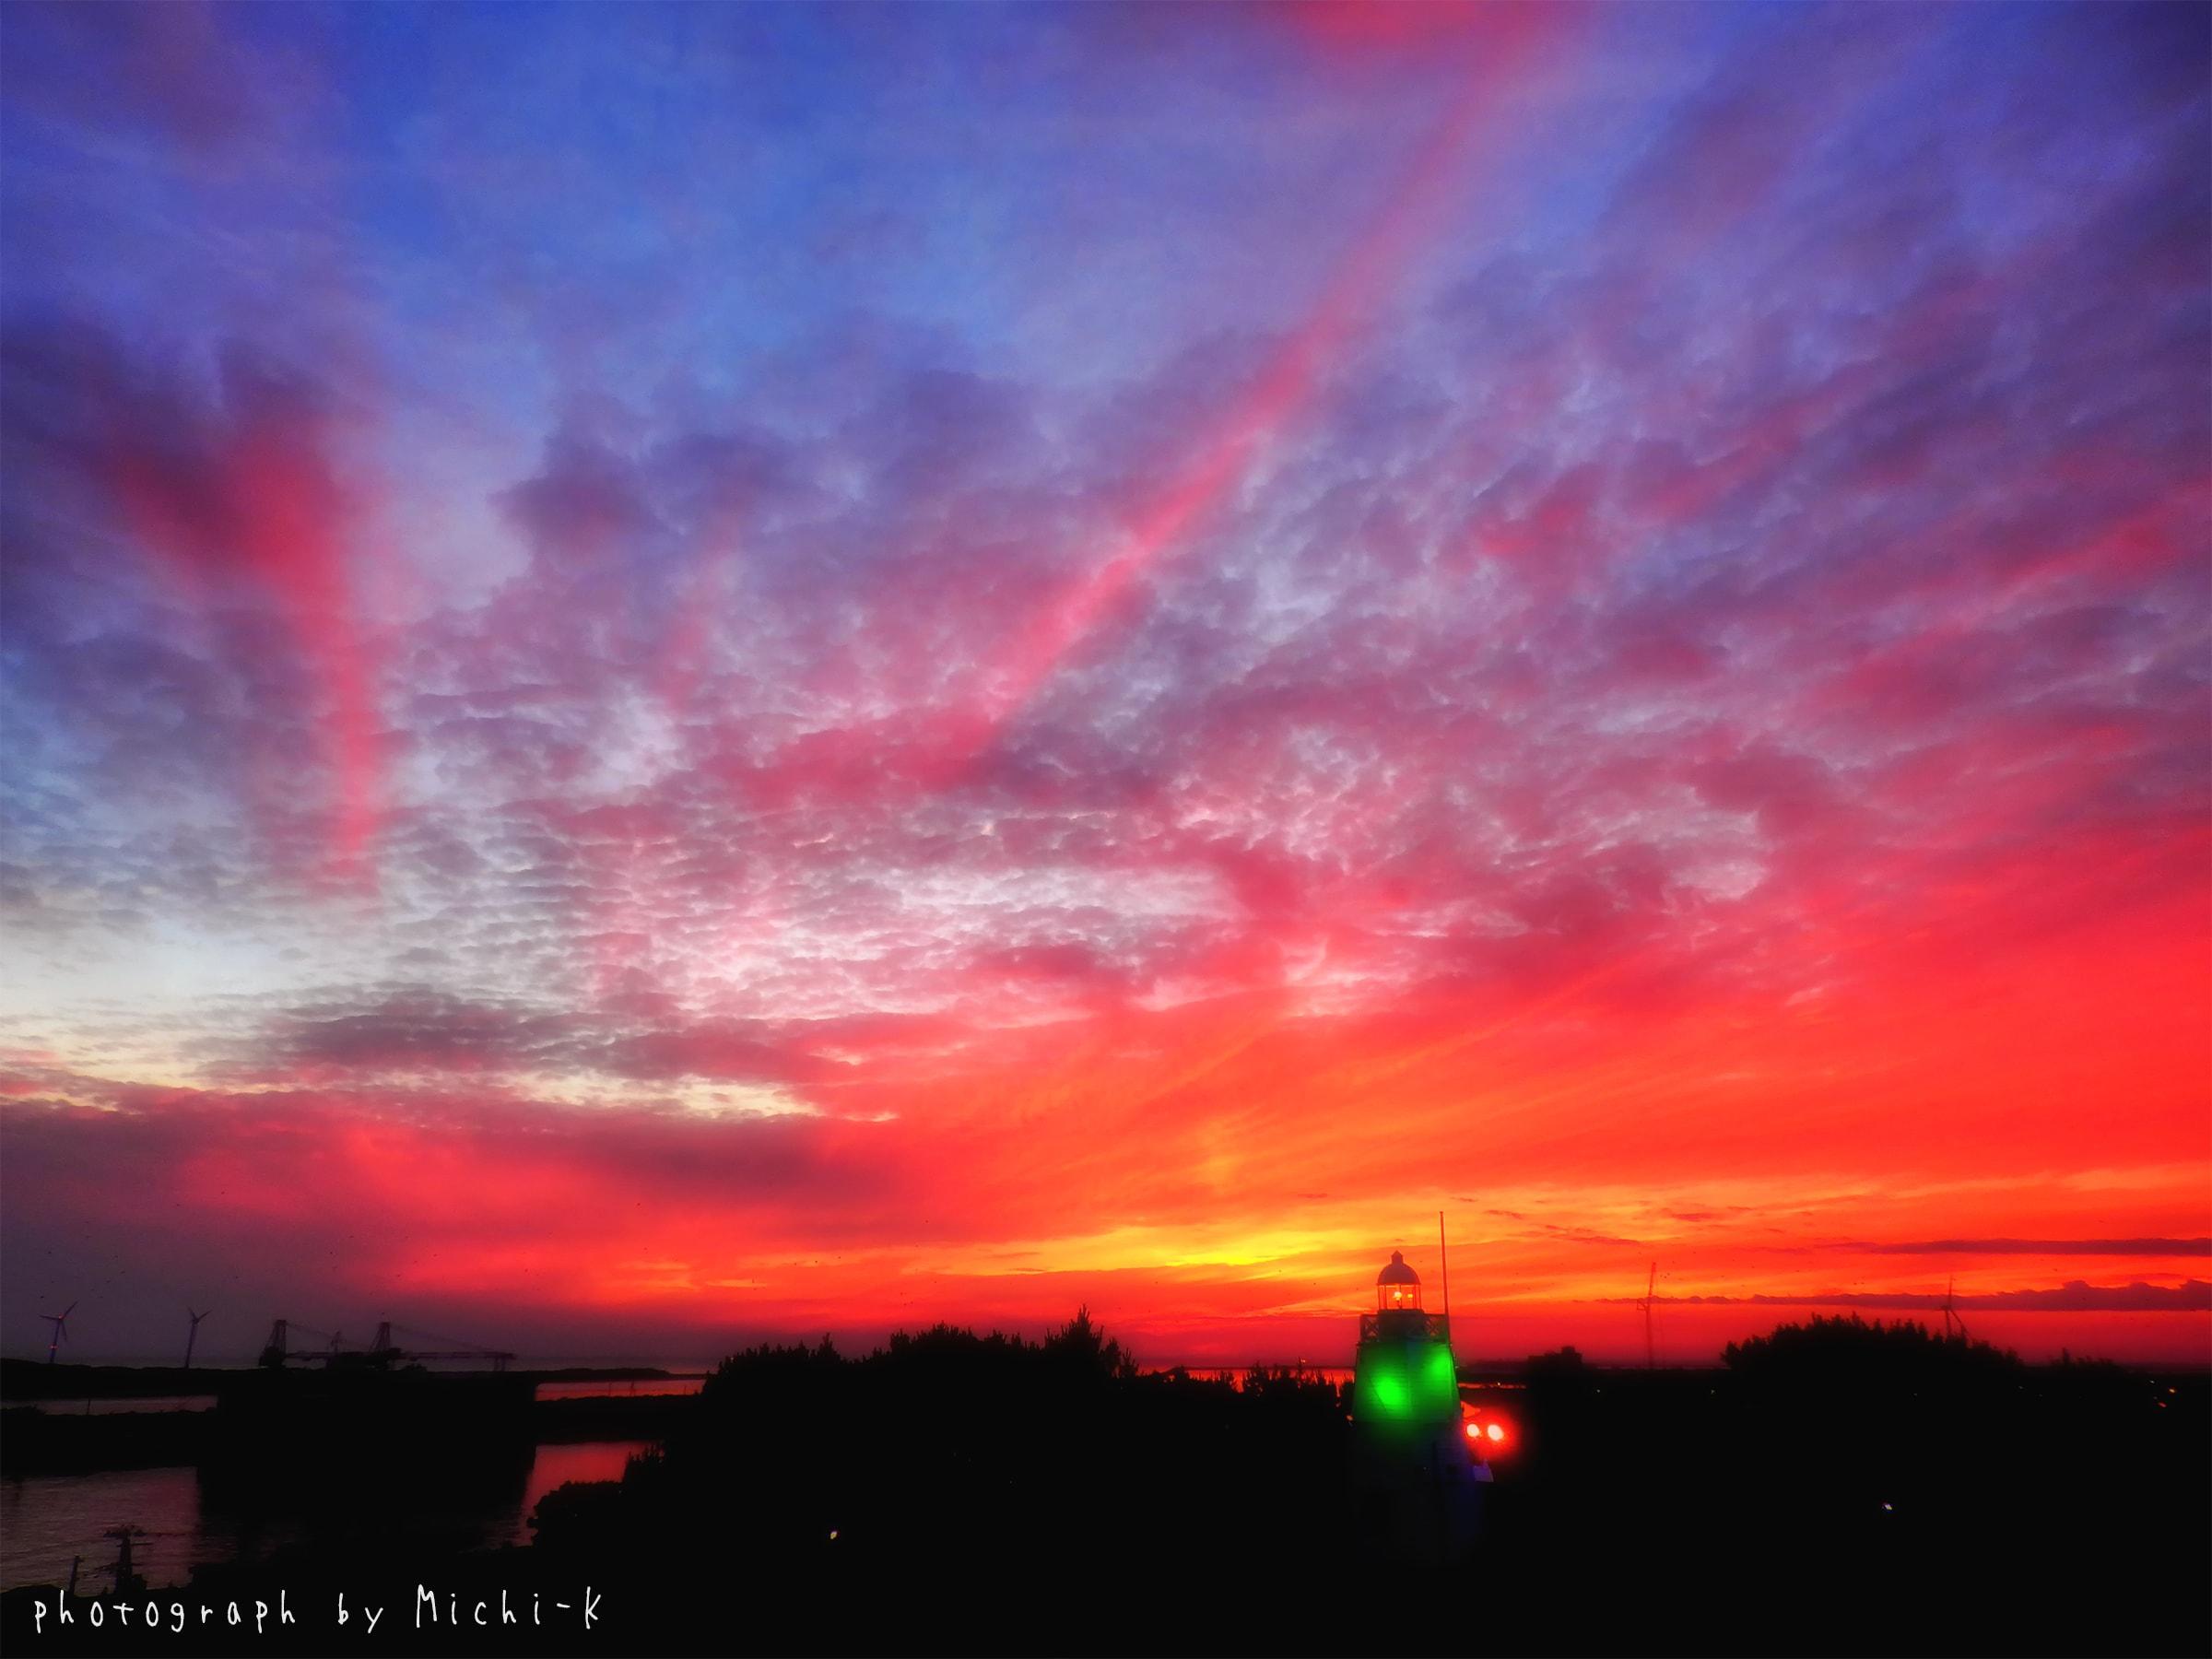 酒田市、日和山公園展望台から見えた六角灯台と夕焼け2